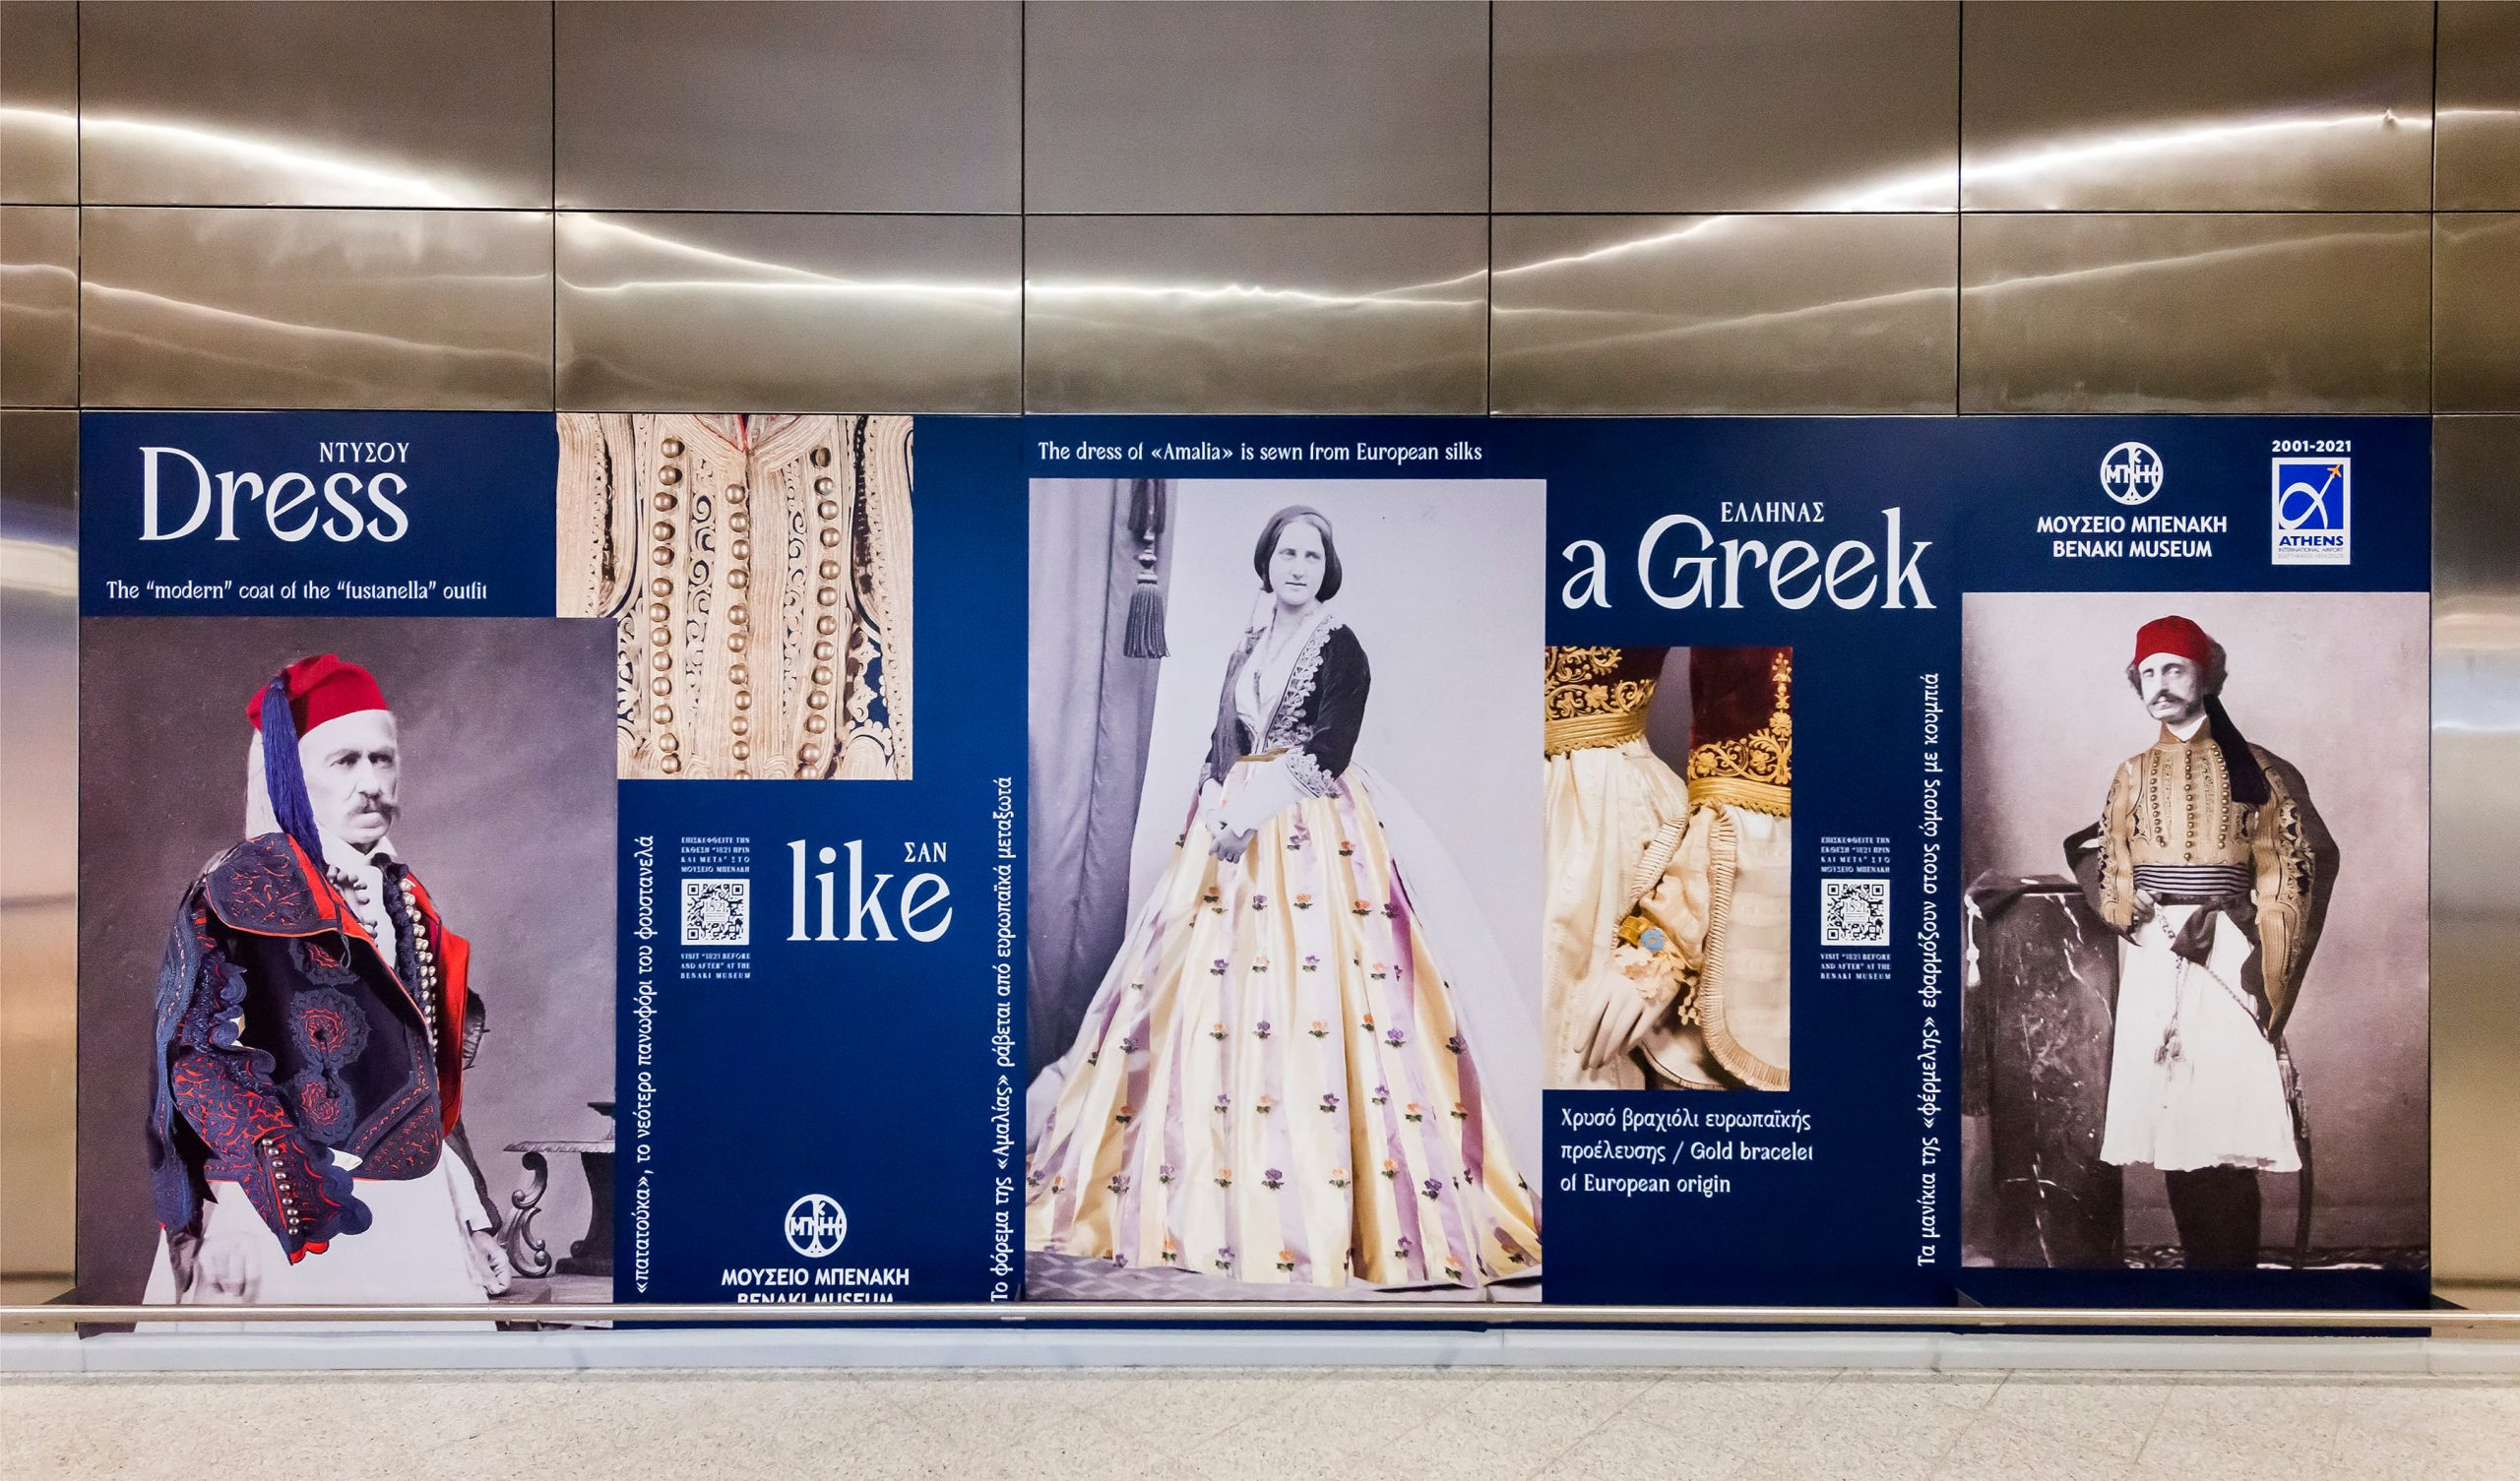 Dress like a Greek